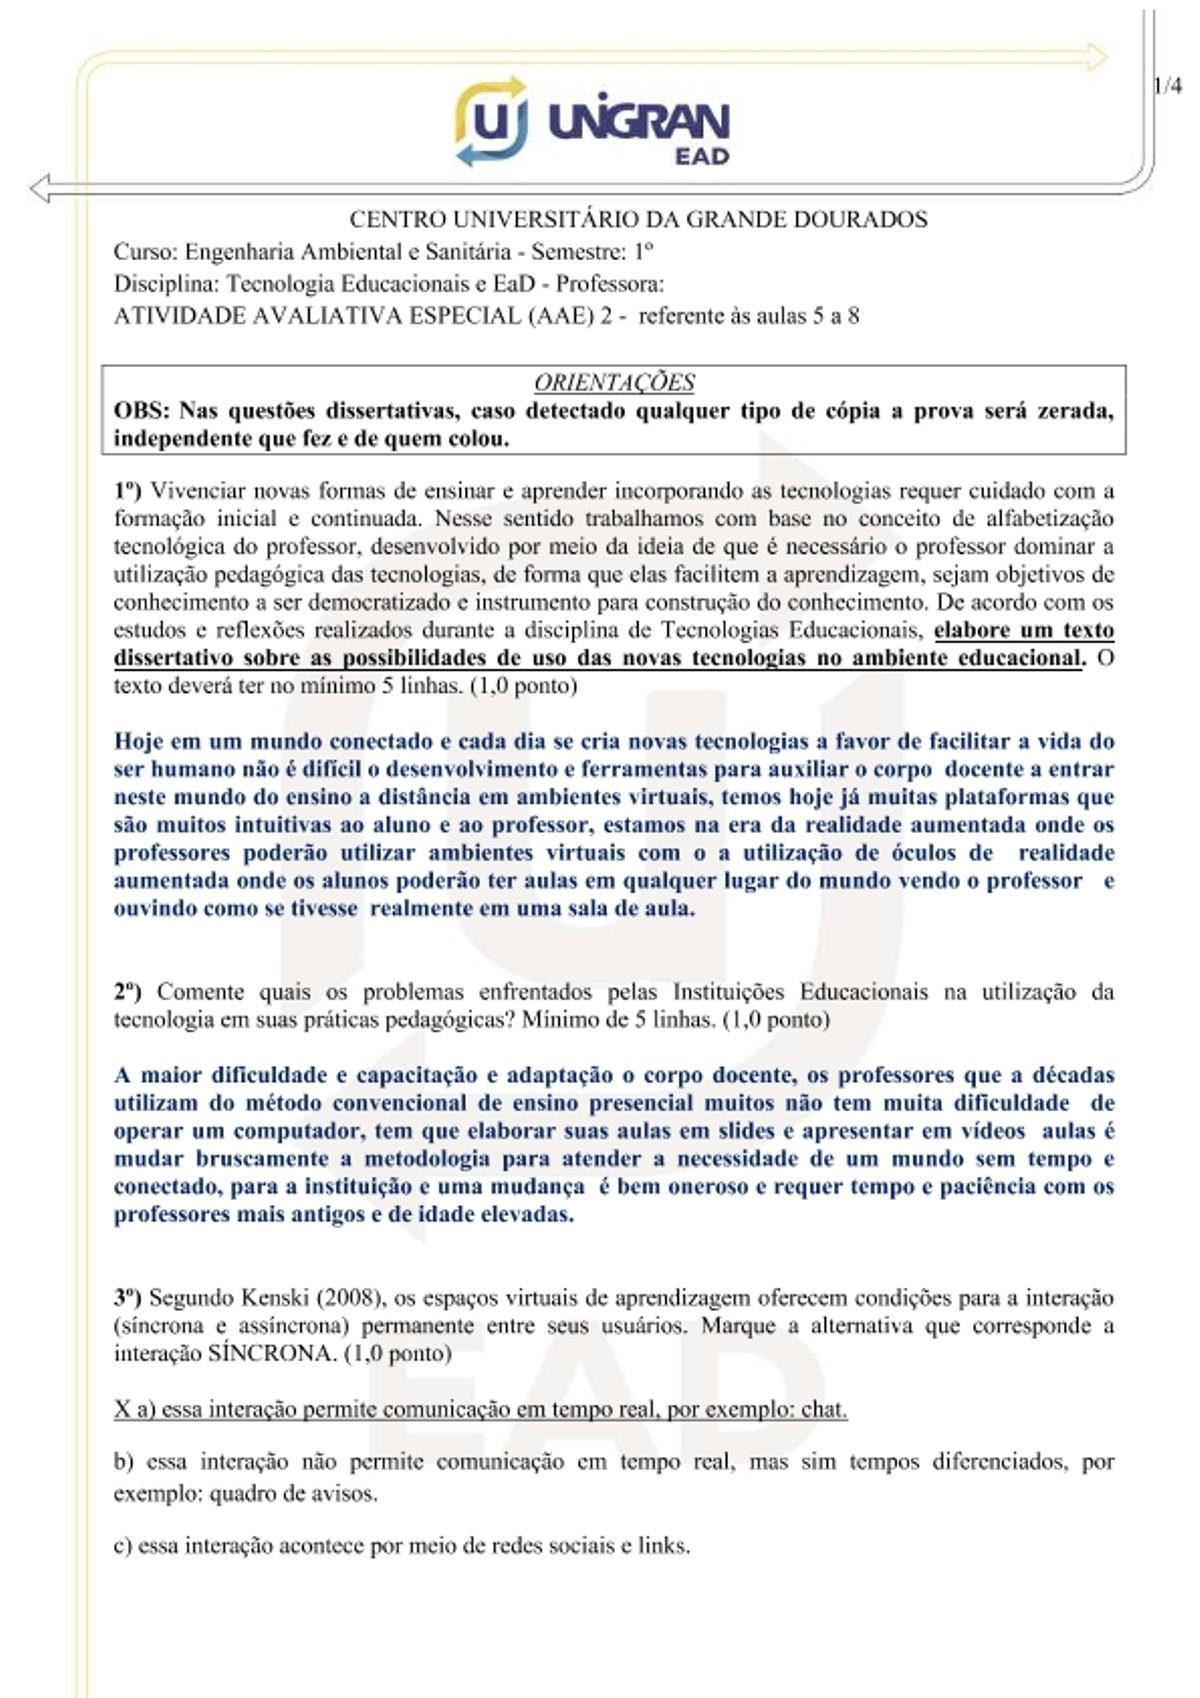 Pre-visualização do material Atividade Avaliativa Especial - Prova 2 - página 1